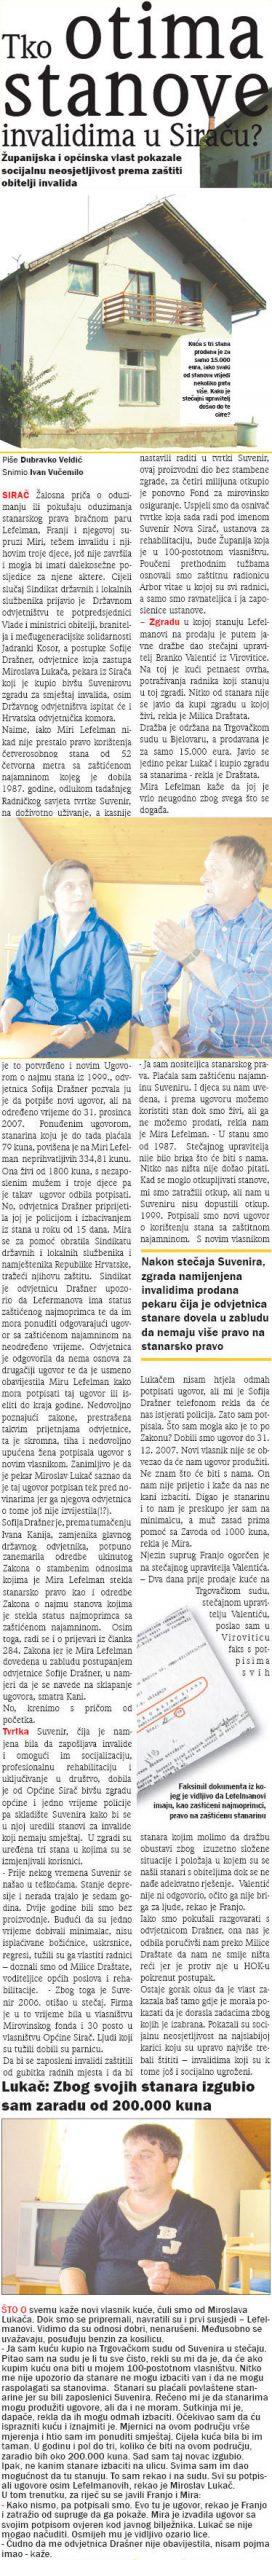 Bjelovarski neovisni tjednik REGIJA o slučaju Sirač